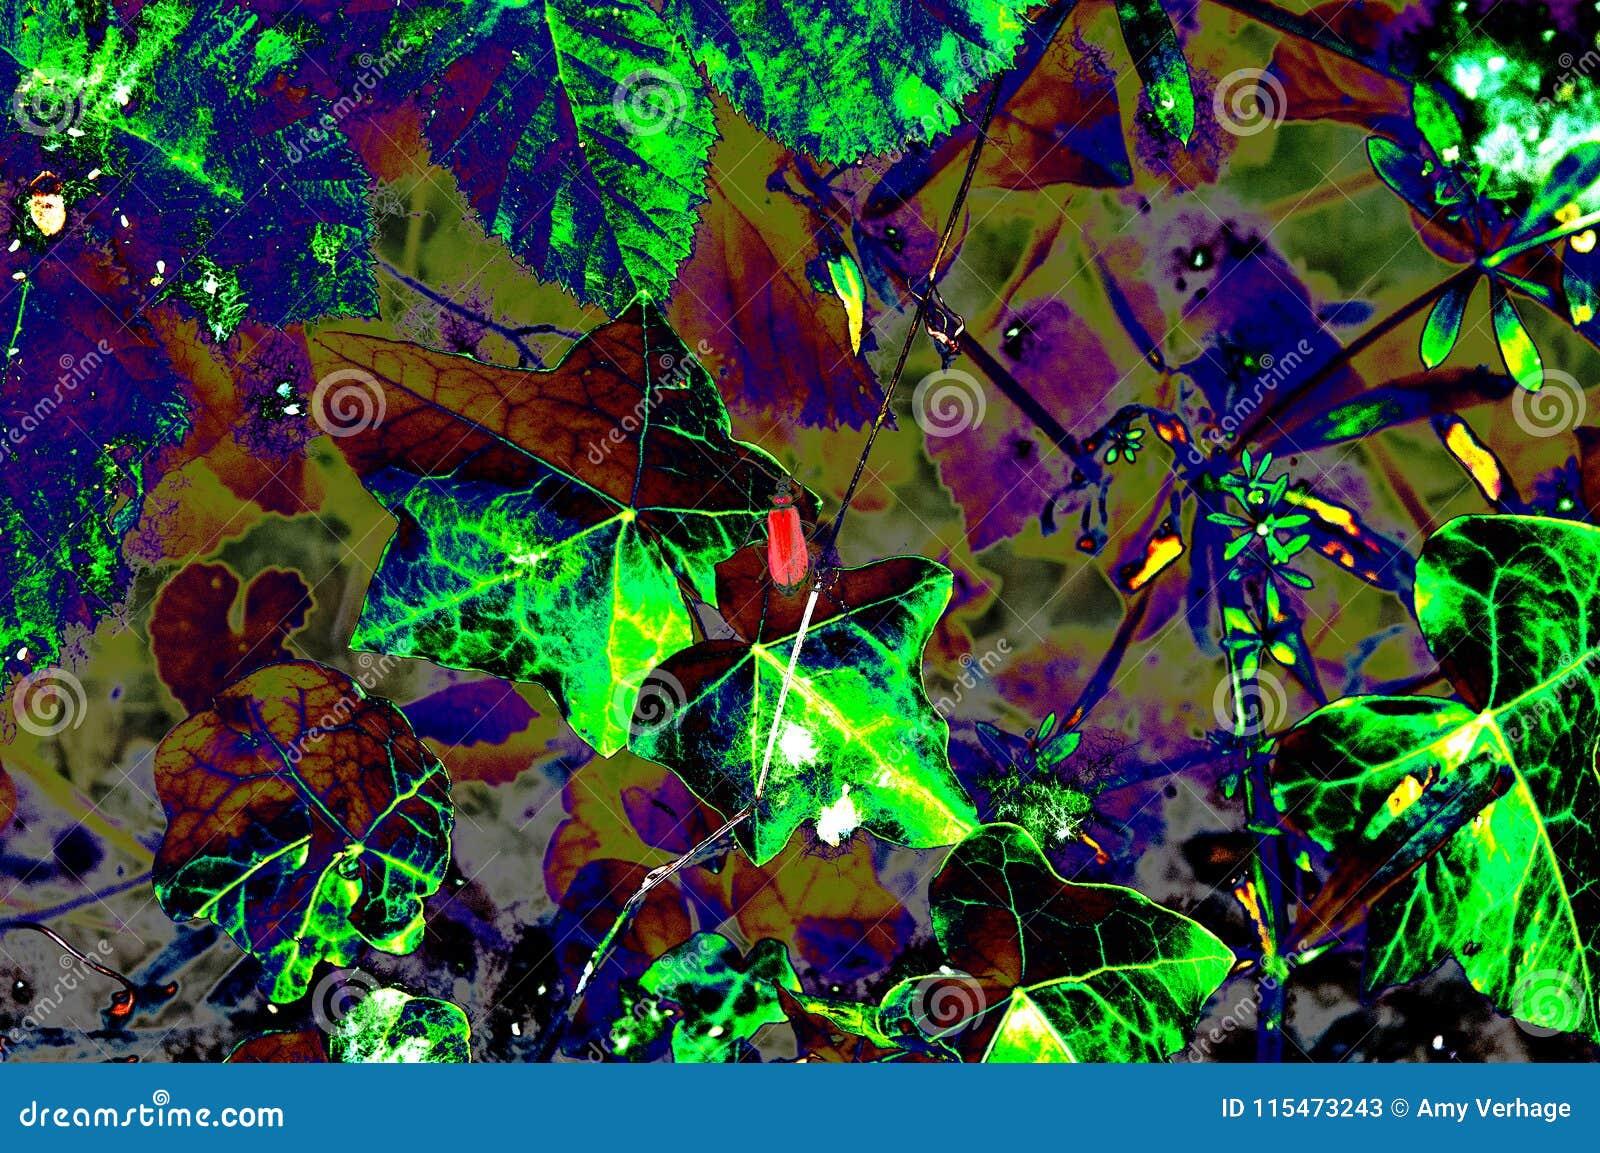 Materiale illustrativo delle foglie colorate in vari colori